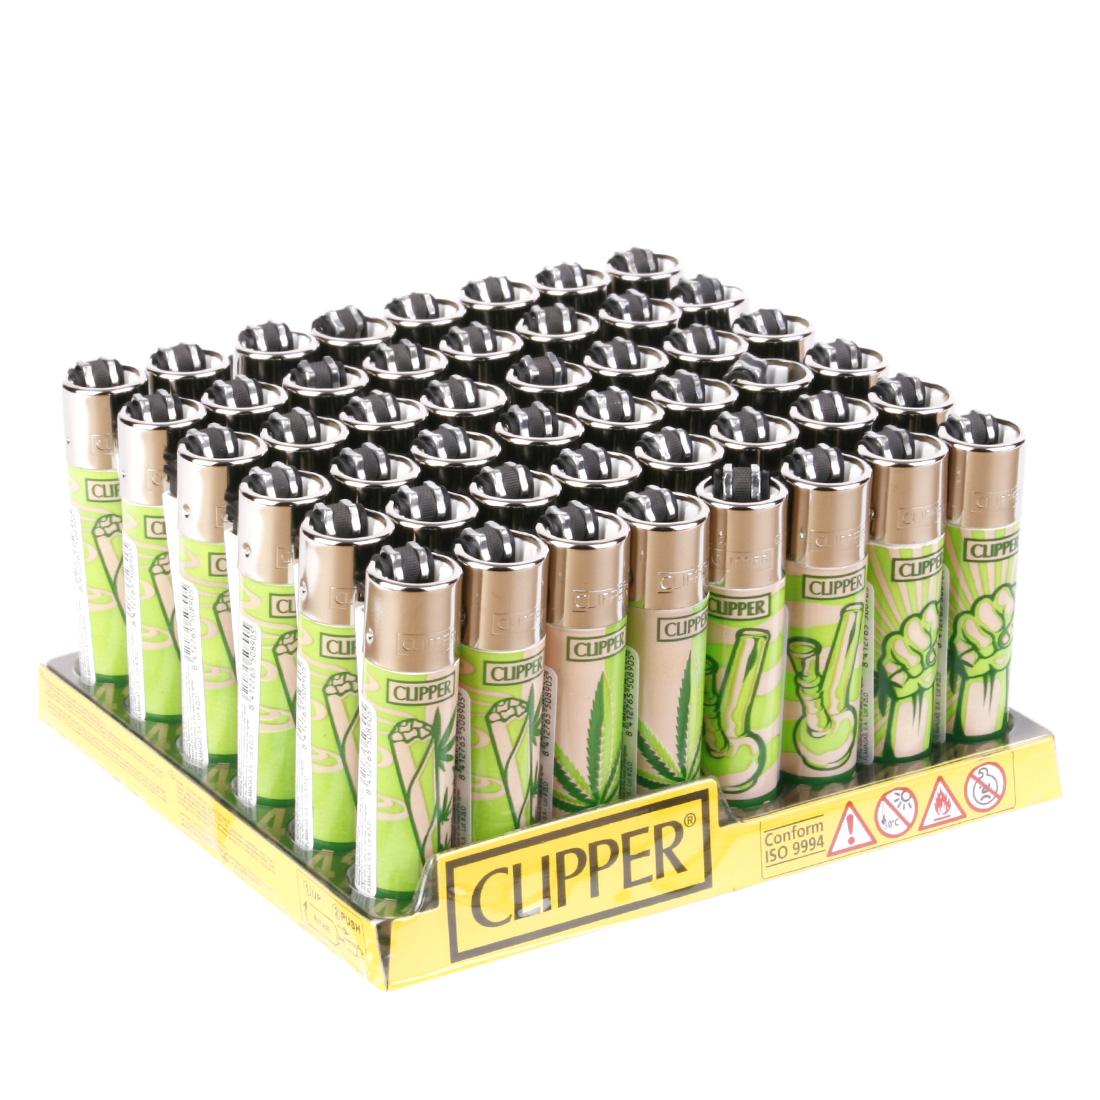 briquets clipper 420